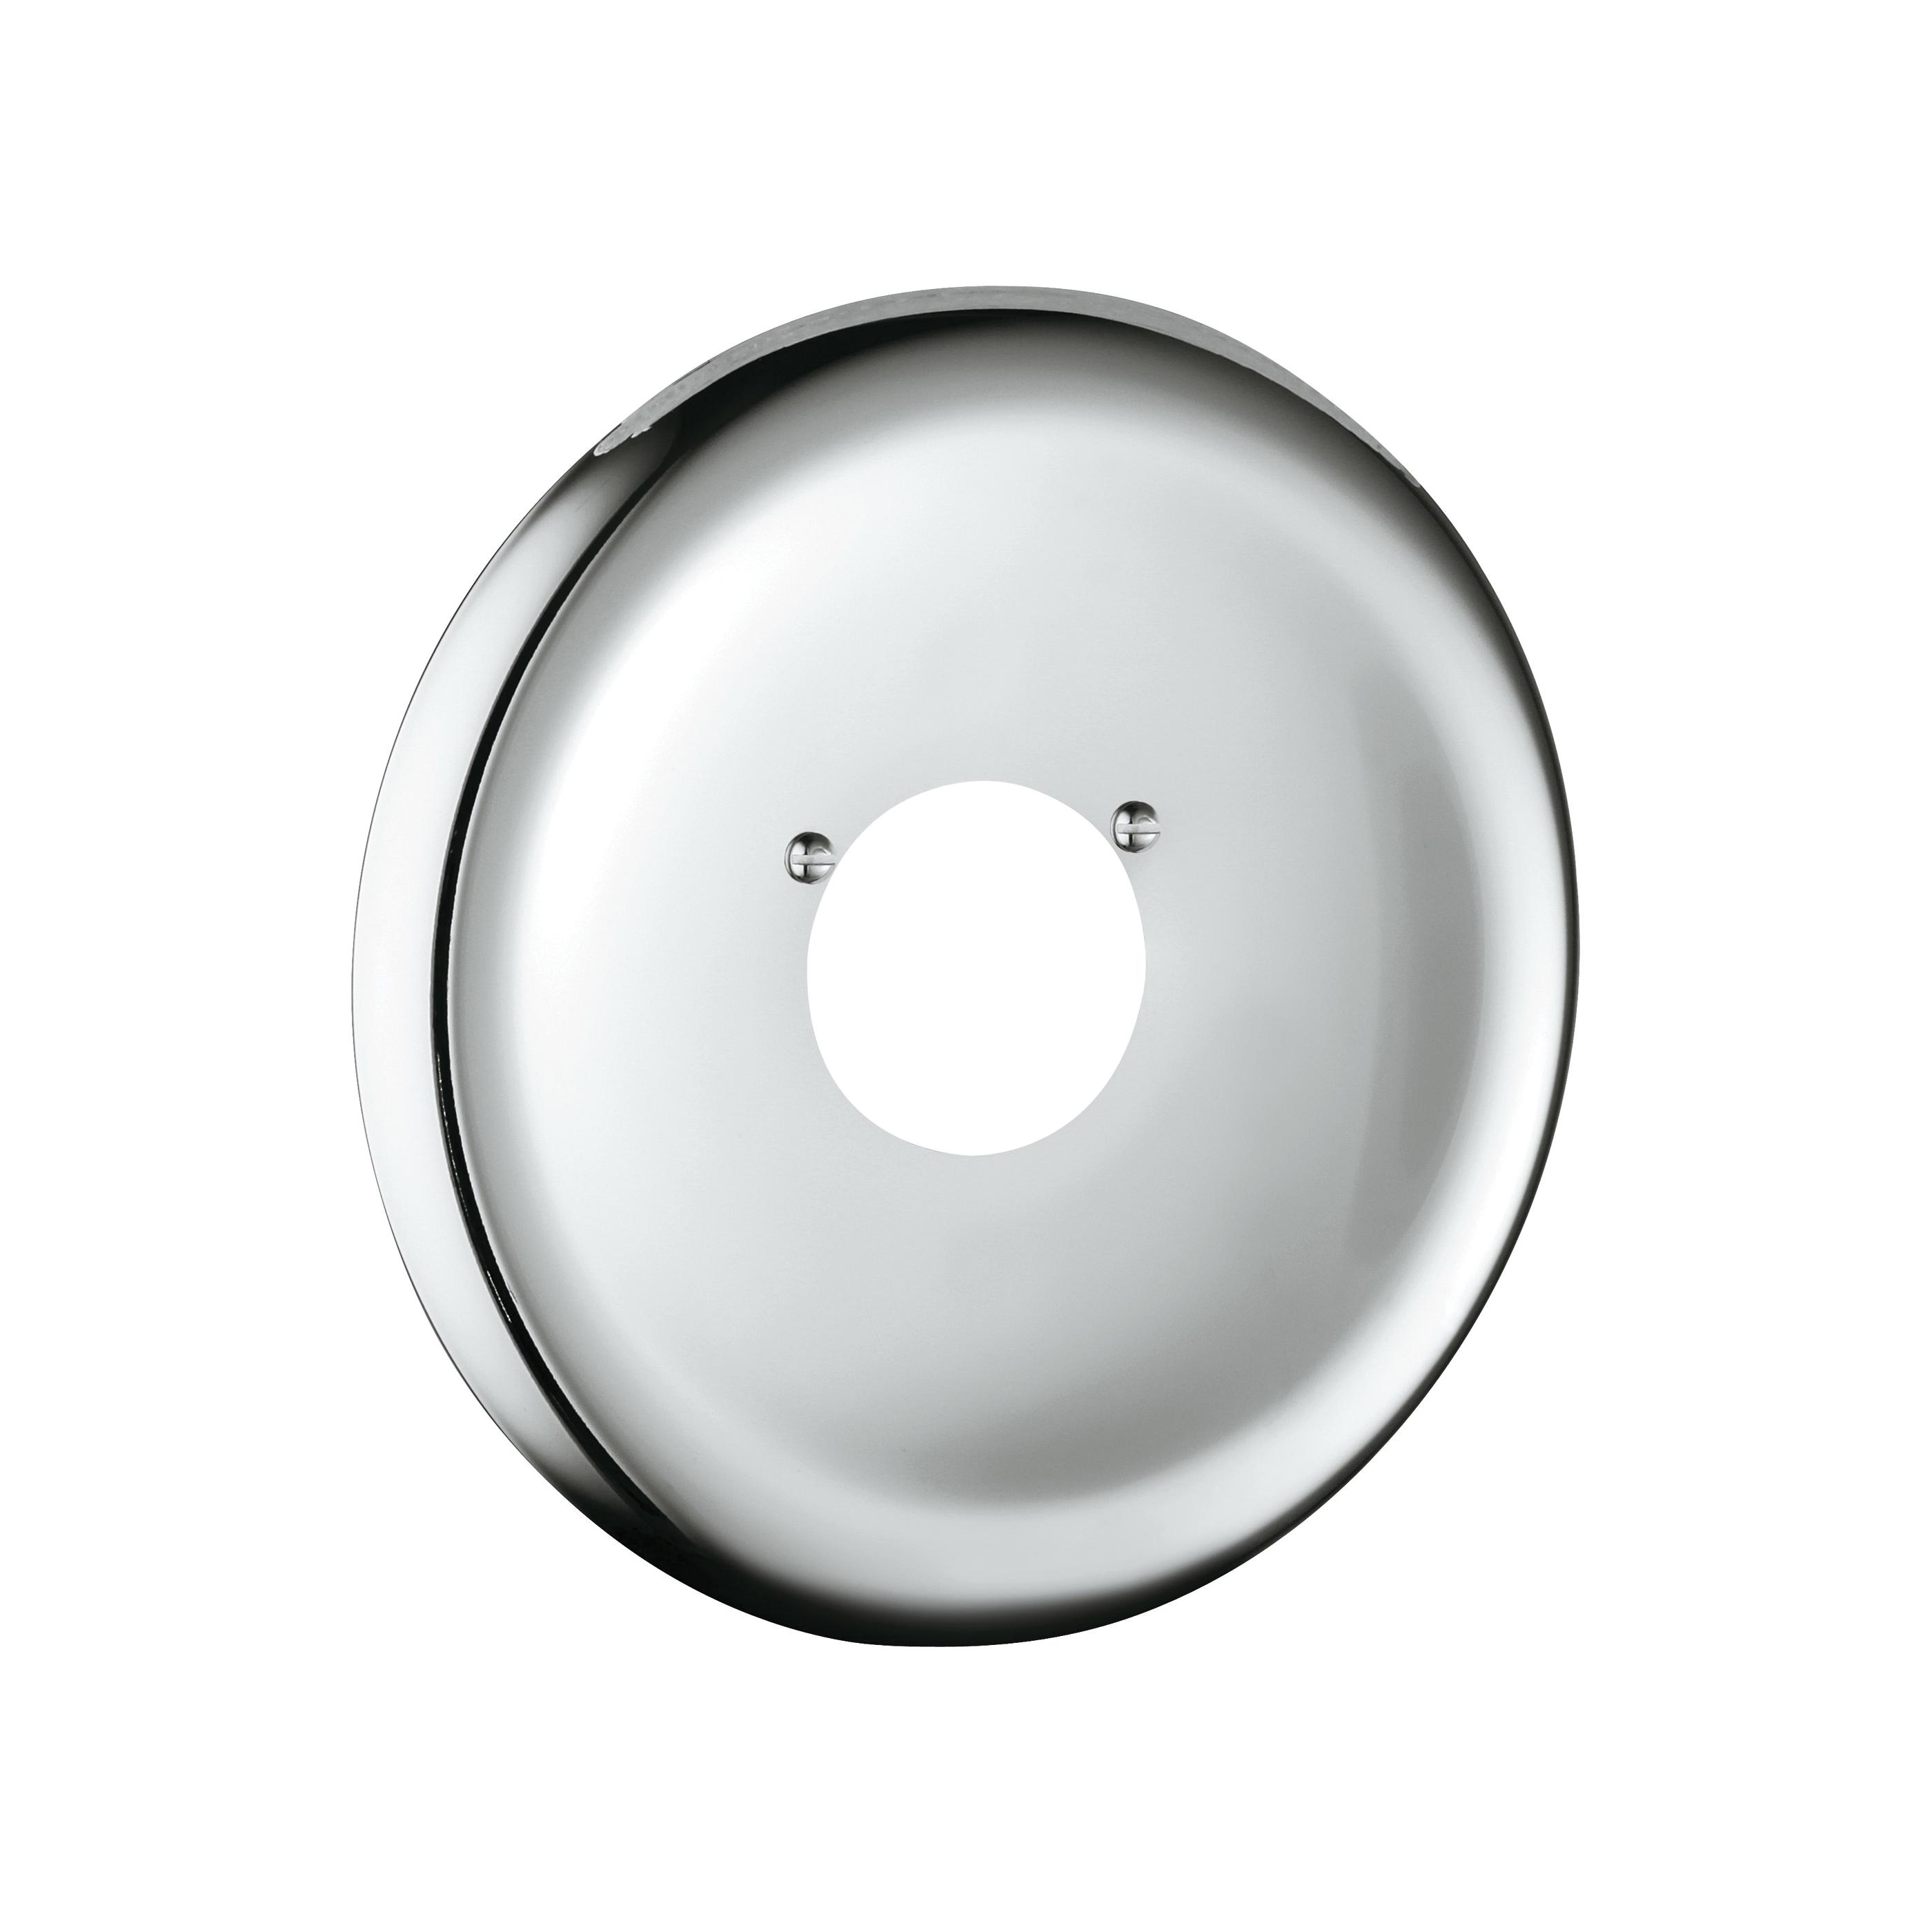 GROHE 07640000 Escutcheon, 6-3/4 in, StarLight® Chrome, Import